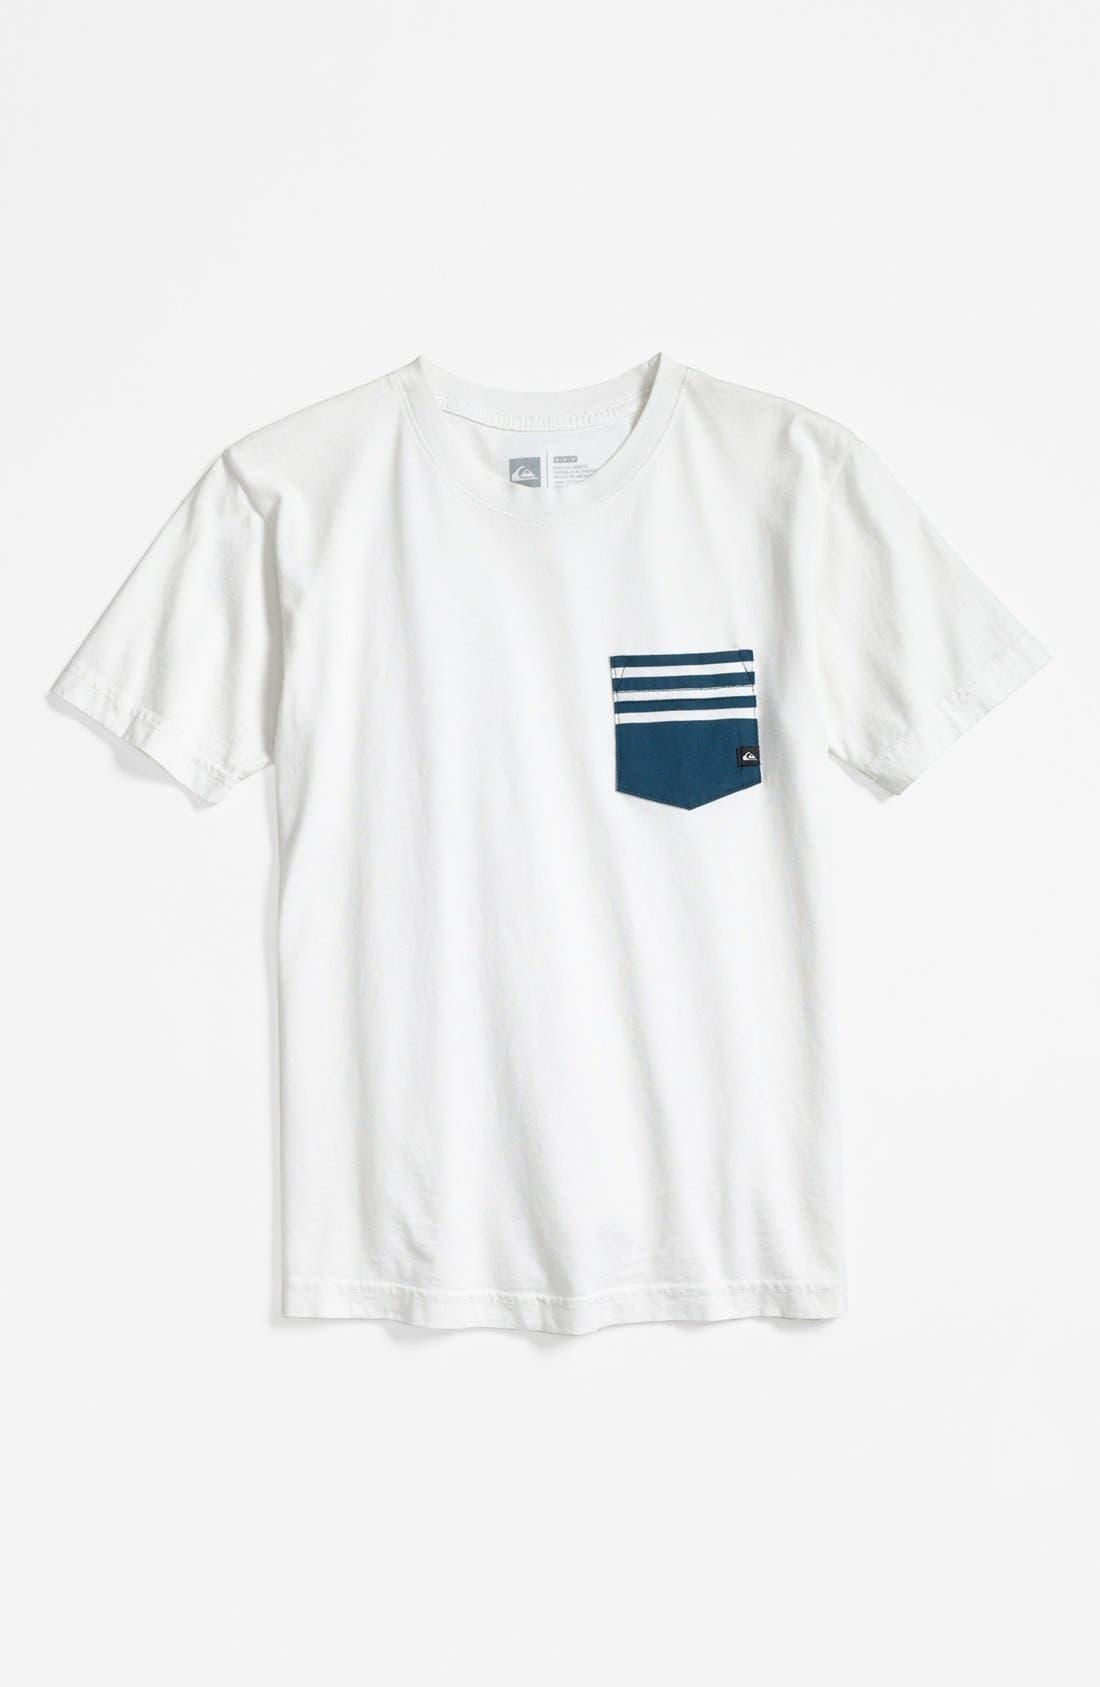 Alternate Image 1 Selected - Quiksilver Screenprinted T-Shirt (Big Boys)